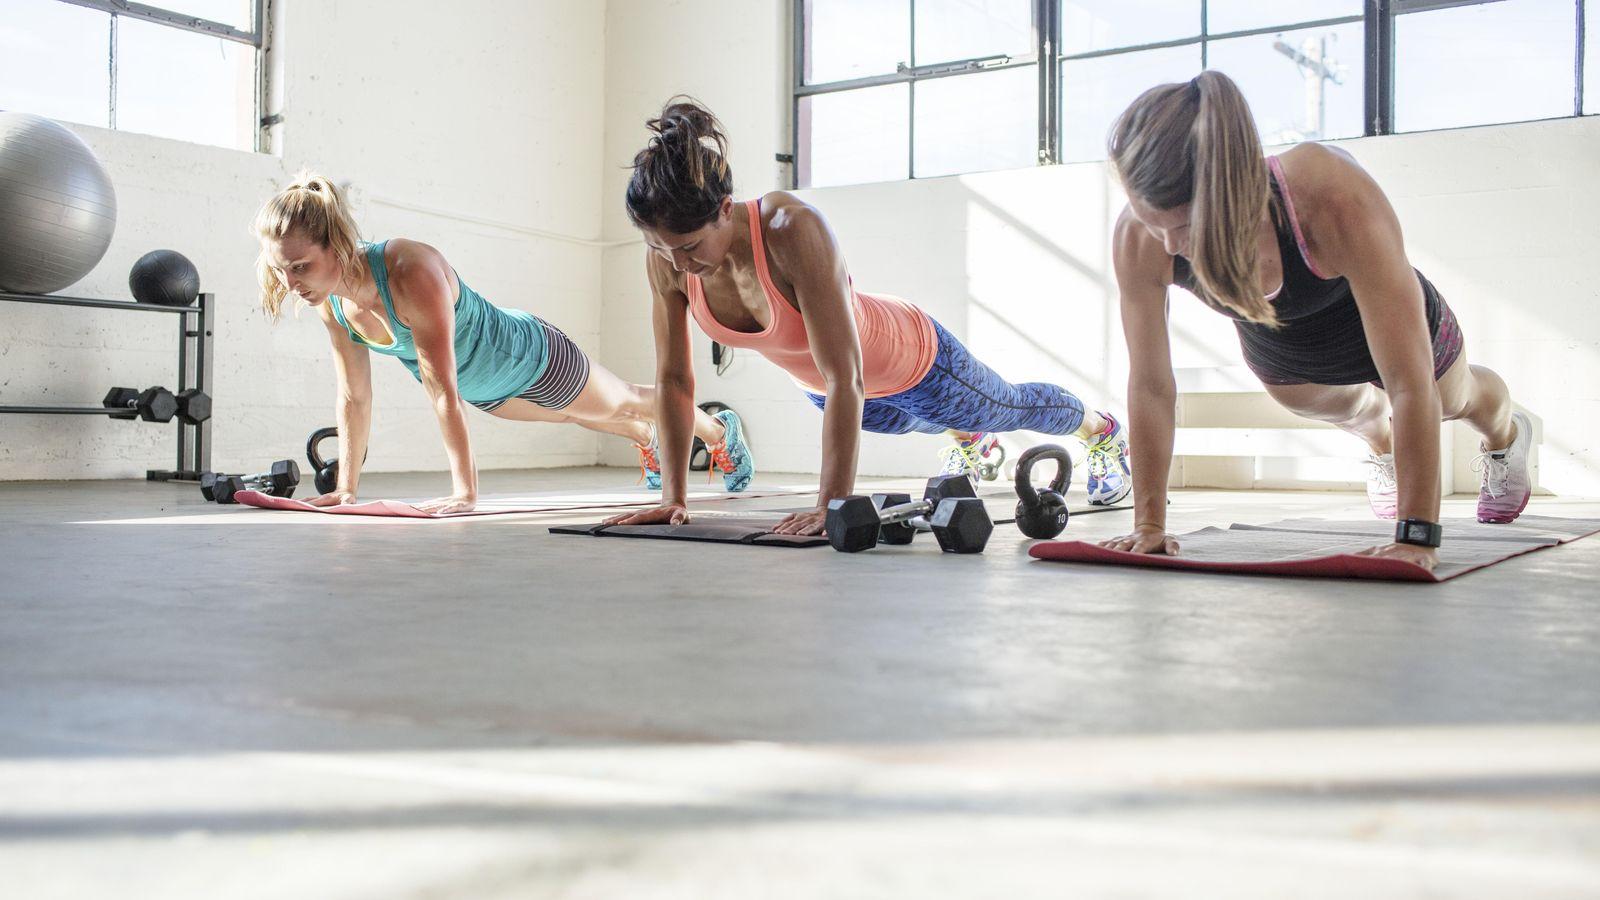 Foto: La plancha es un ejercicio muy común, pero no por ello poco exigente. (Corbis)